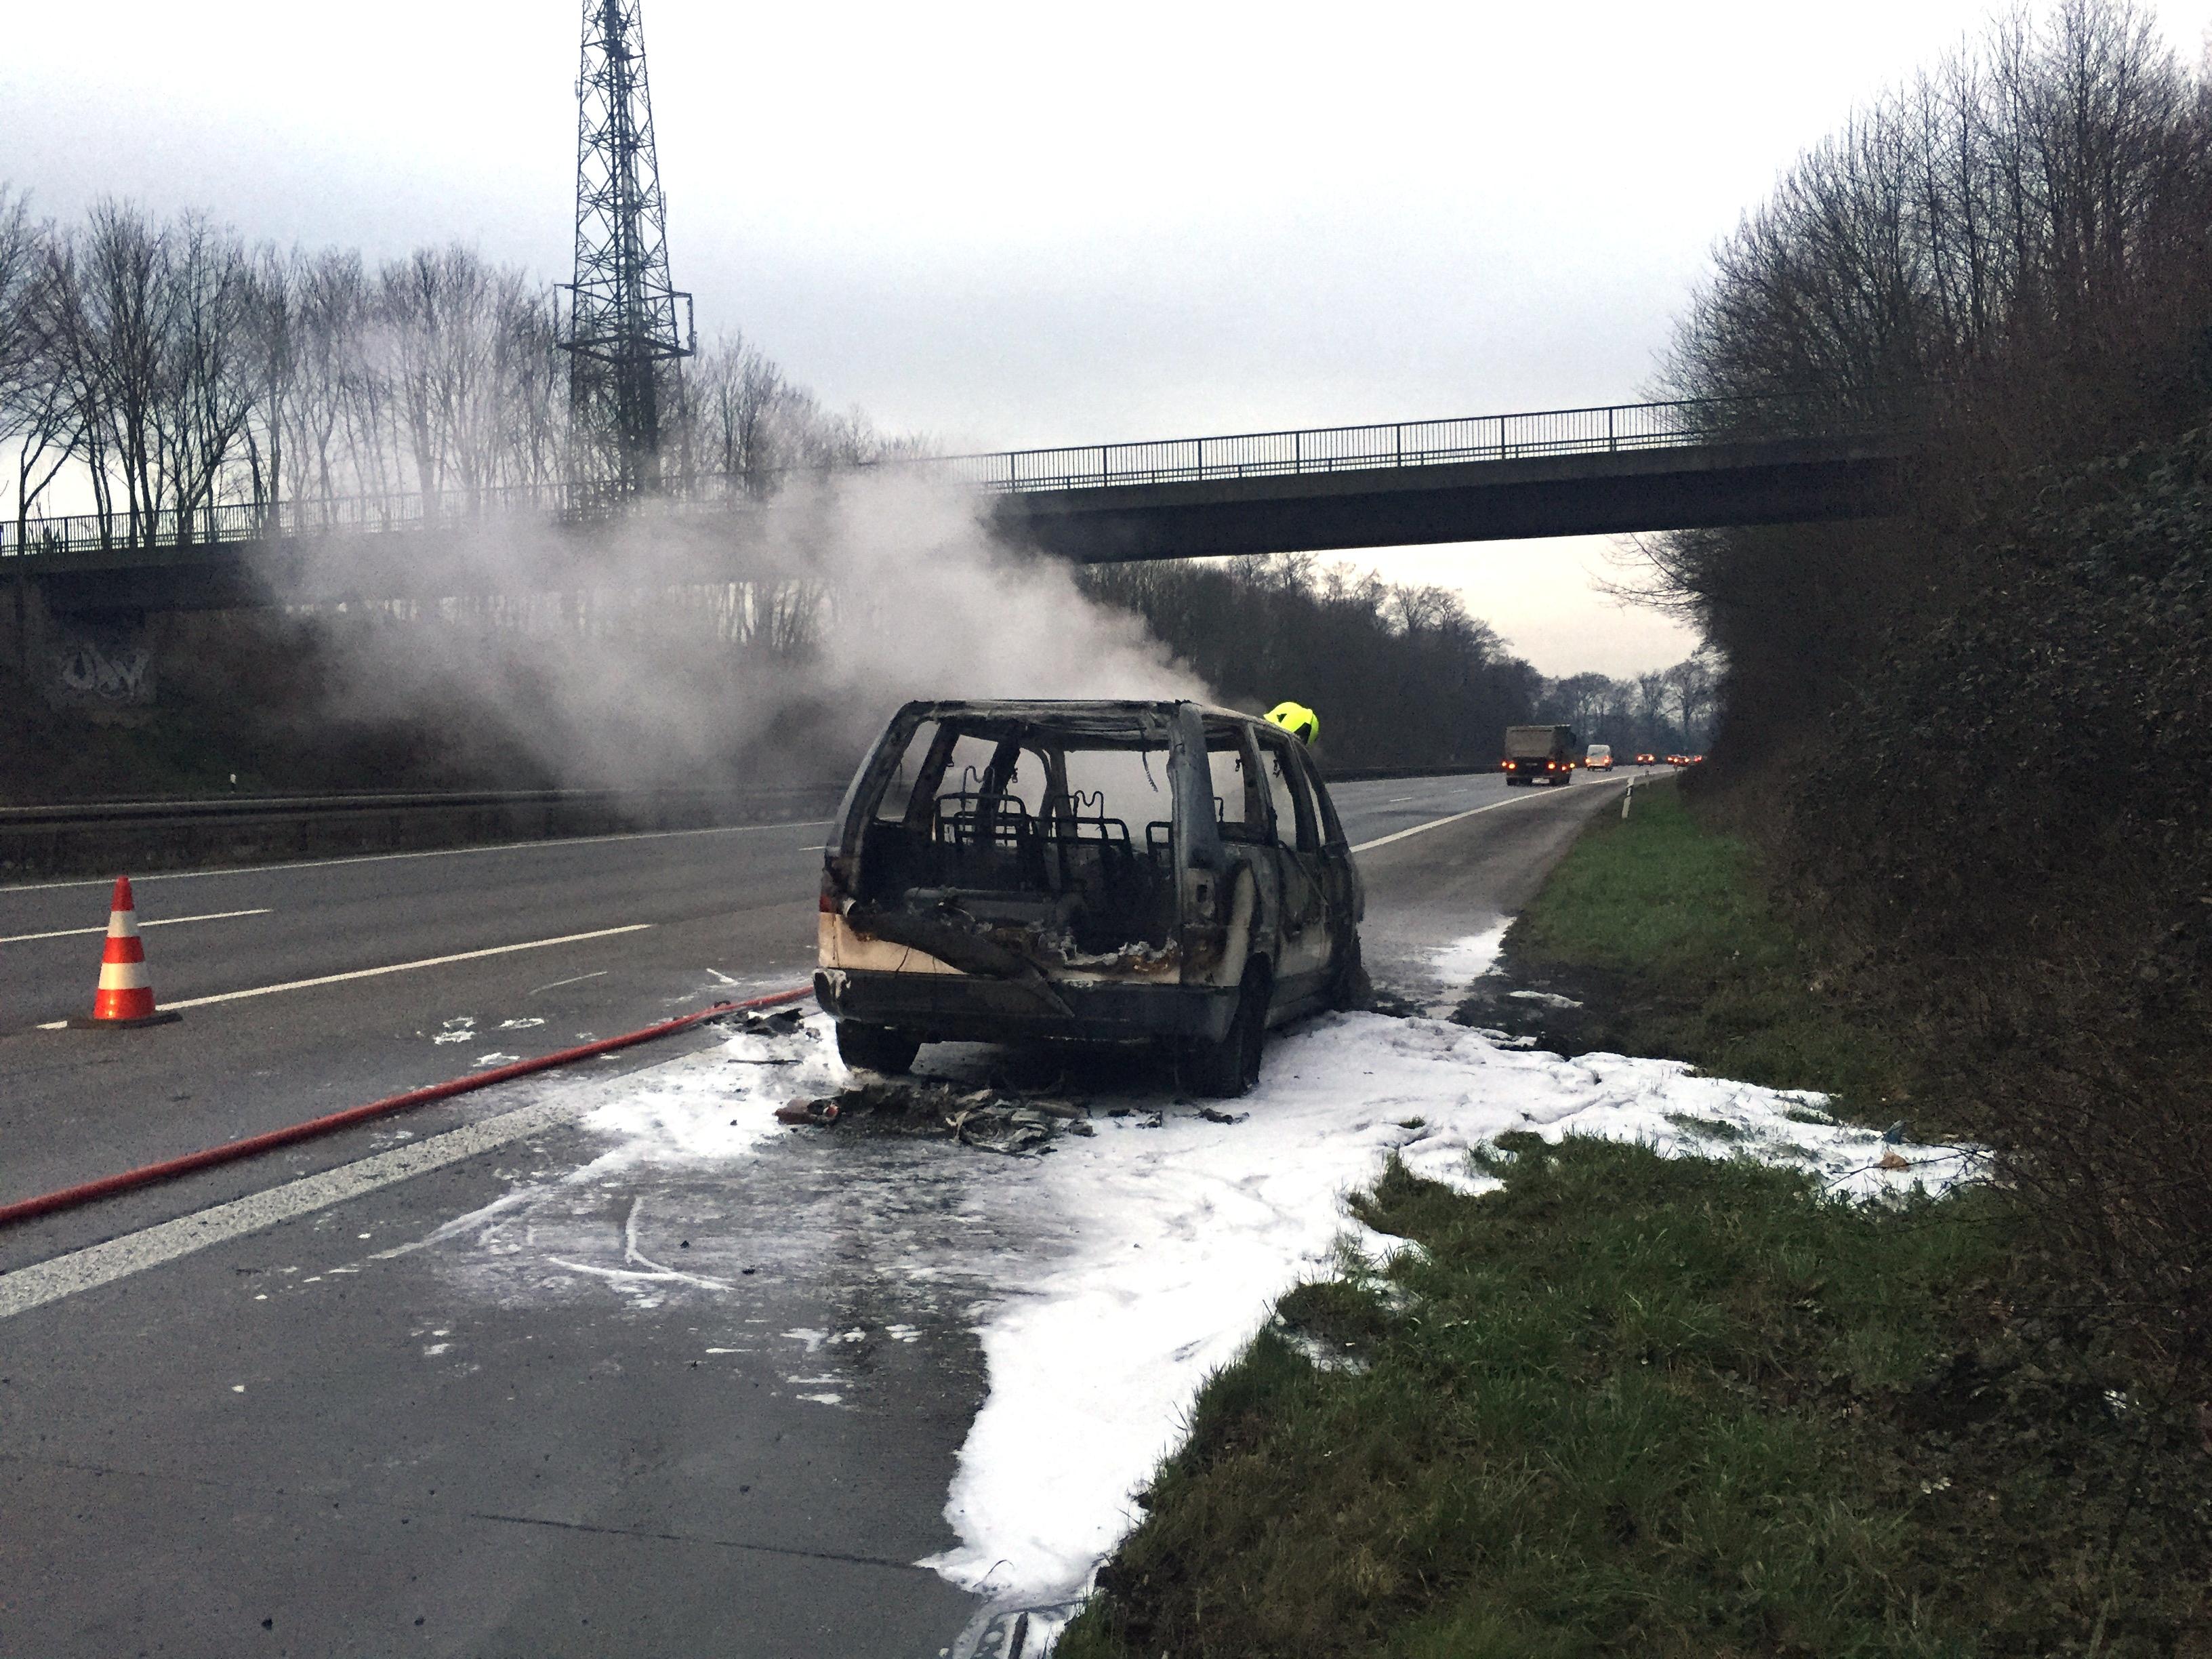 Gasbetriebenes Fahrzeug im Vollbrand (Foto: Feuerwehr Ratingen)